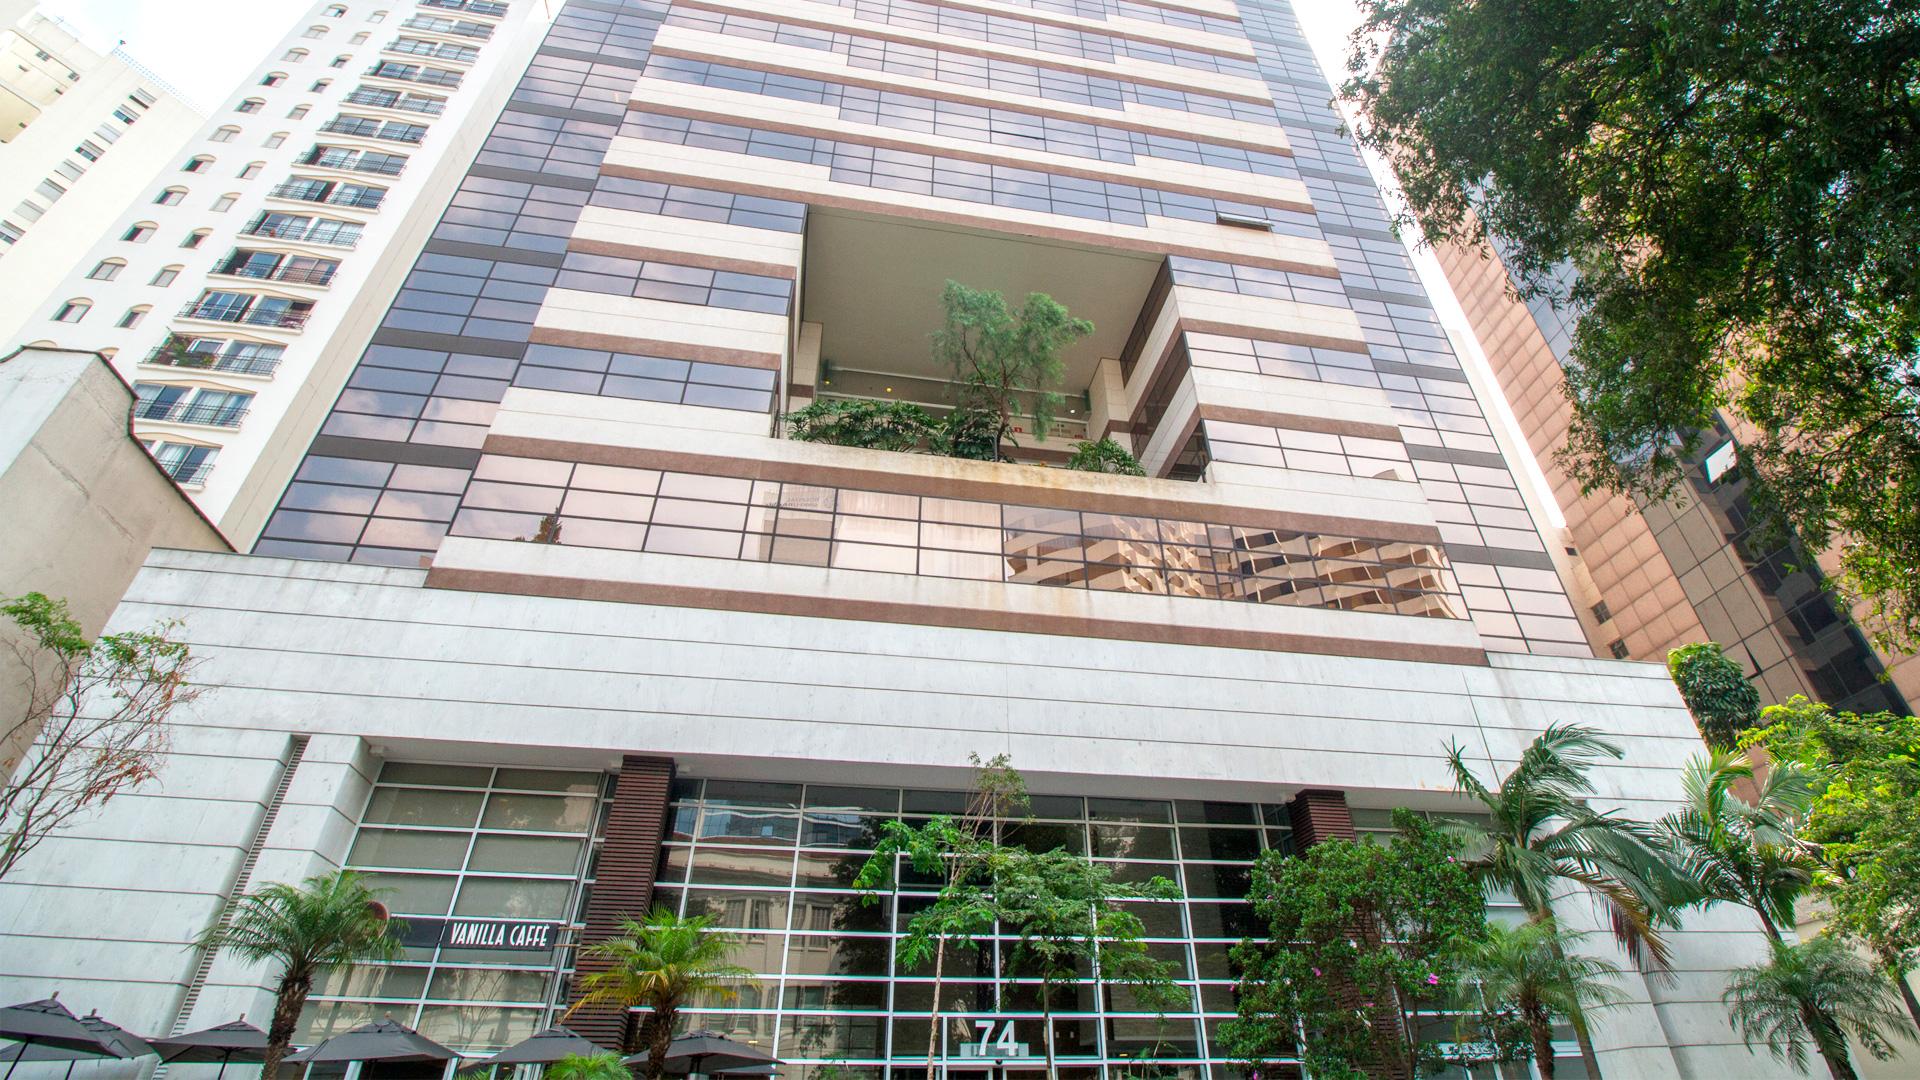 Fachada do prédio do Dr. Hiury Silva Andrade